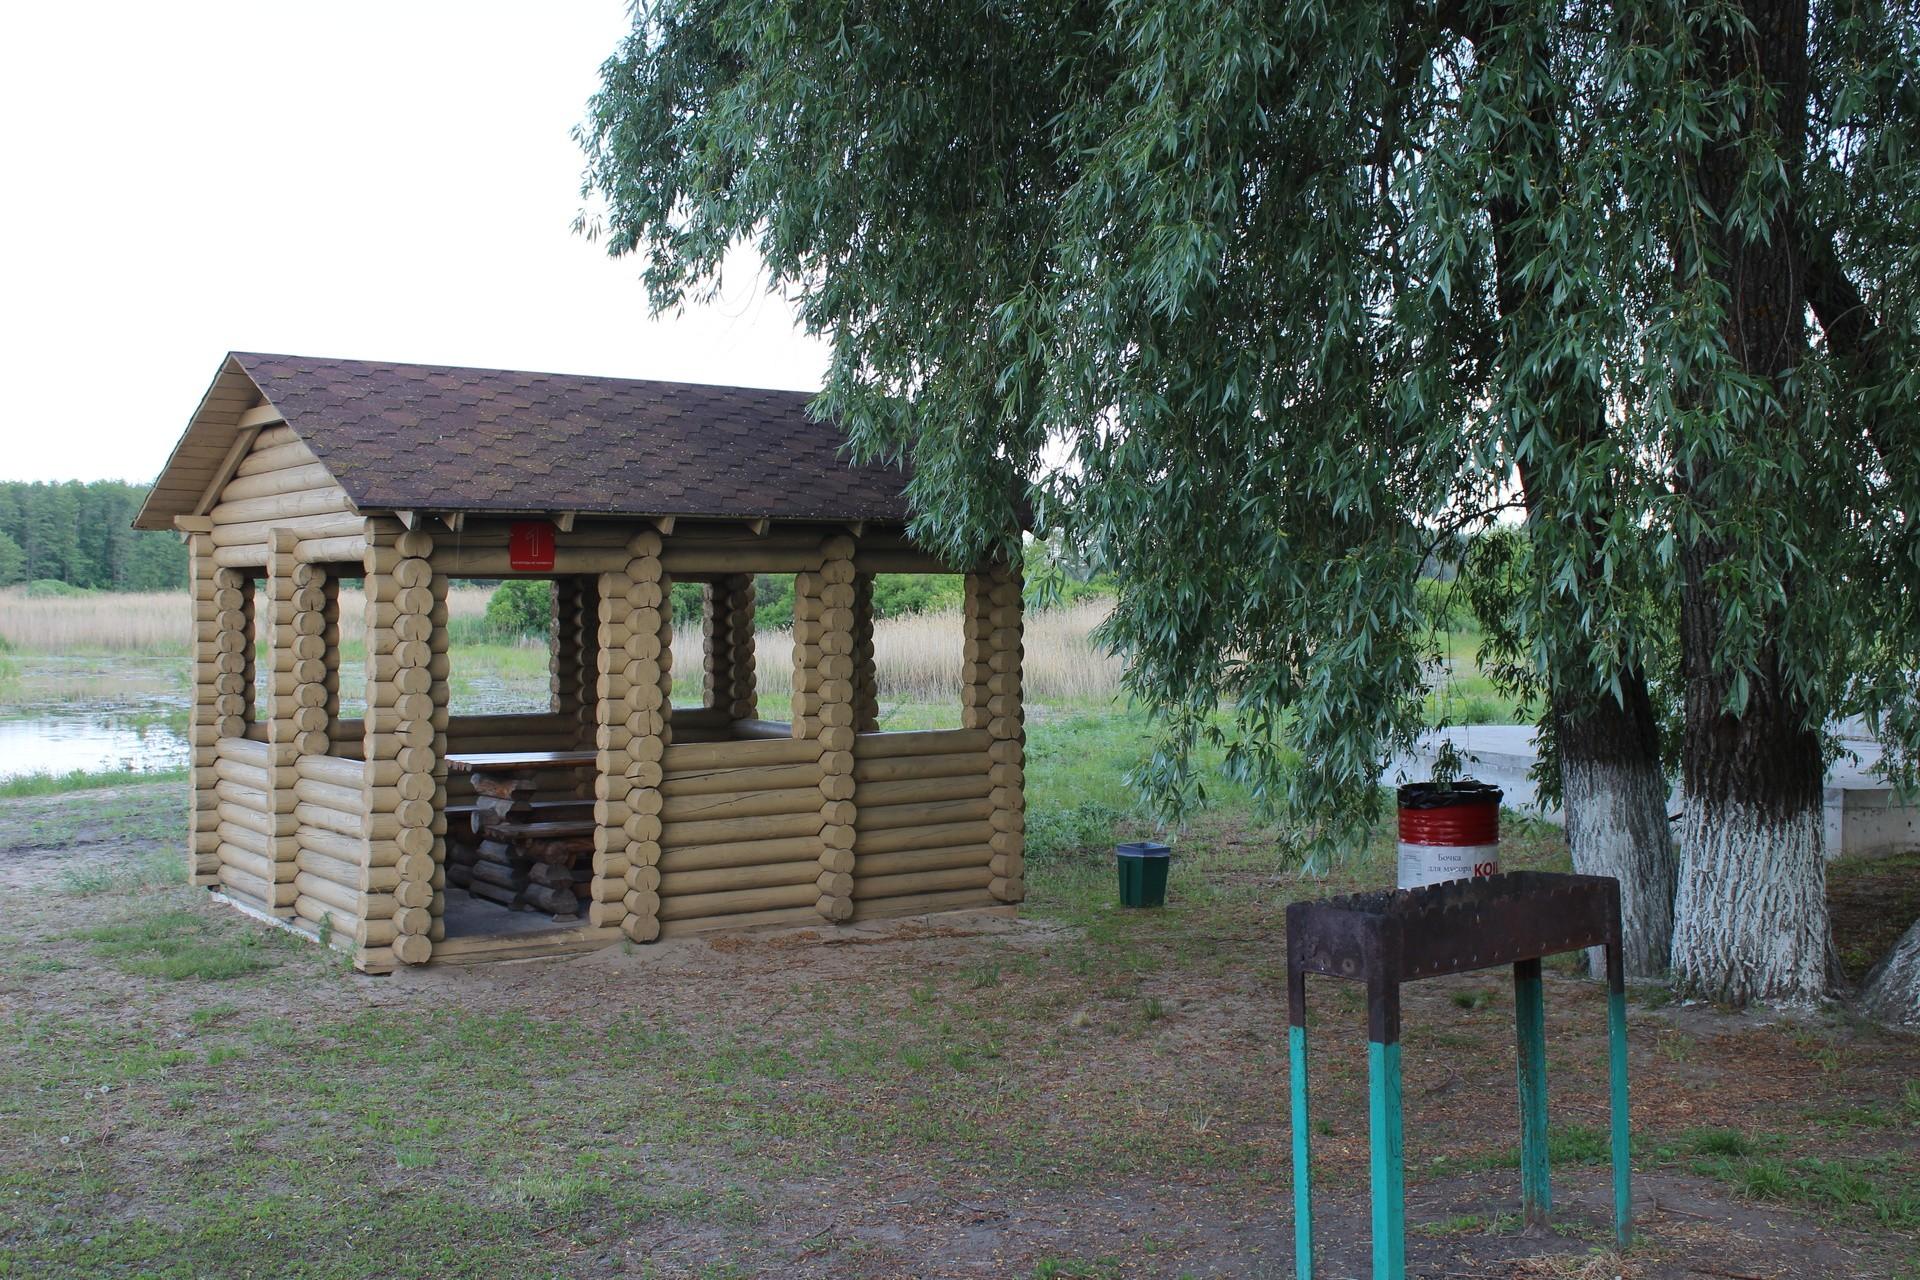 До 6-8 человек — небольшие бревенчатые беседки со столами и скамьями внутри, а также расположенными рядом мангалами